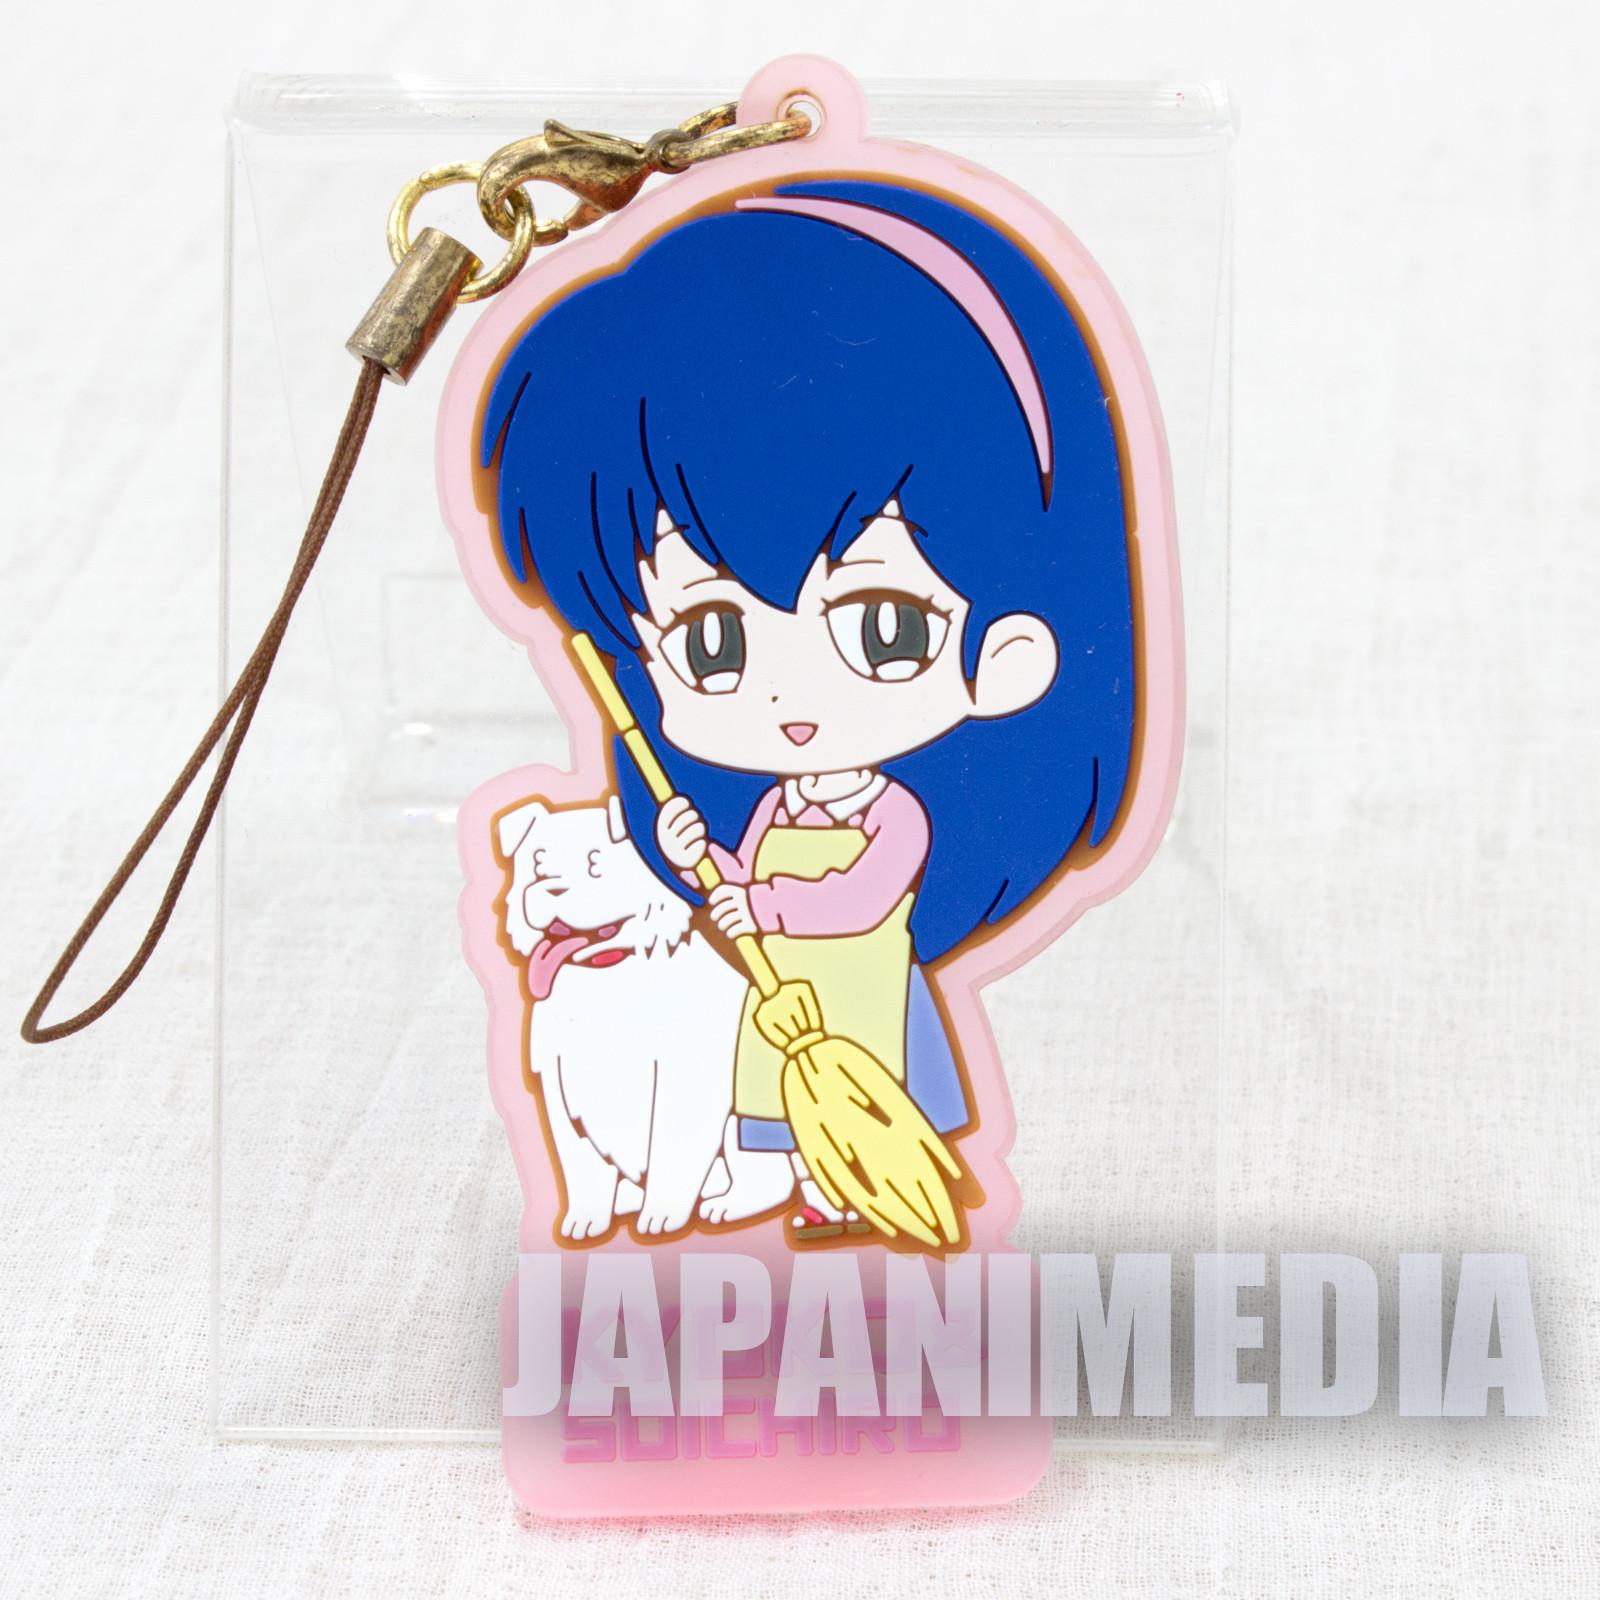 Maison Ikkoku Kyoko Otonashi & Soichiro Mascot Rubber Strap JAPAN ANIME